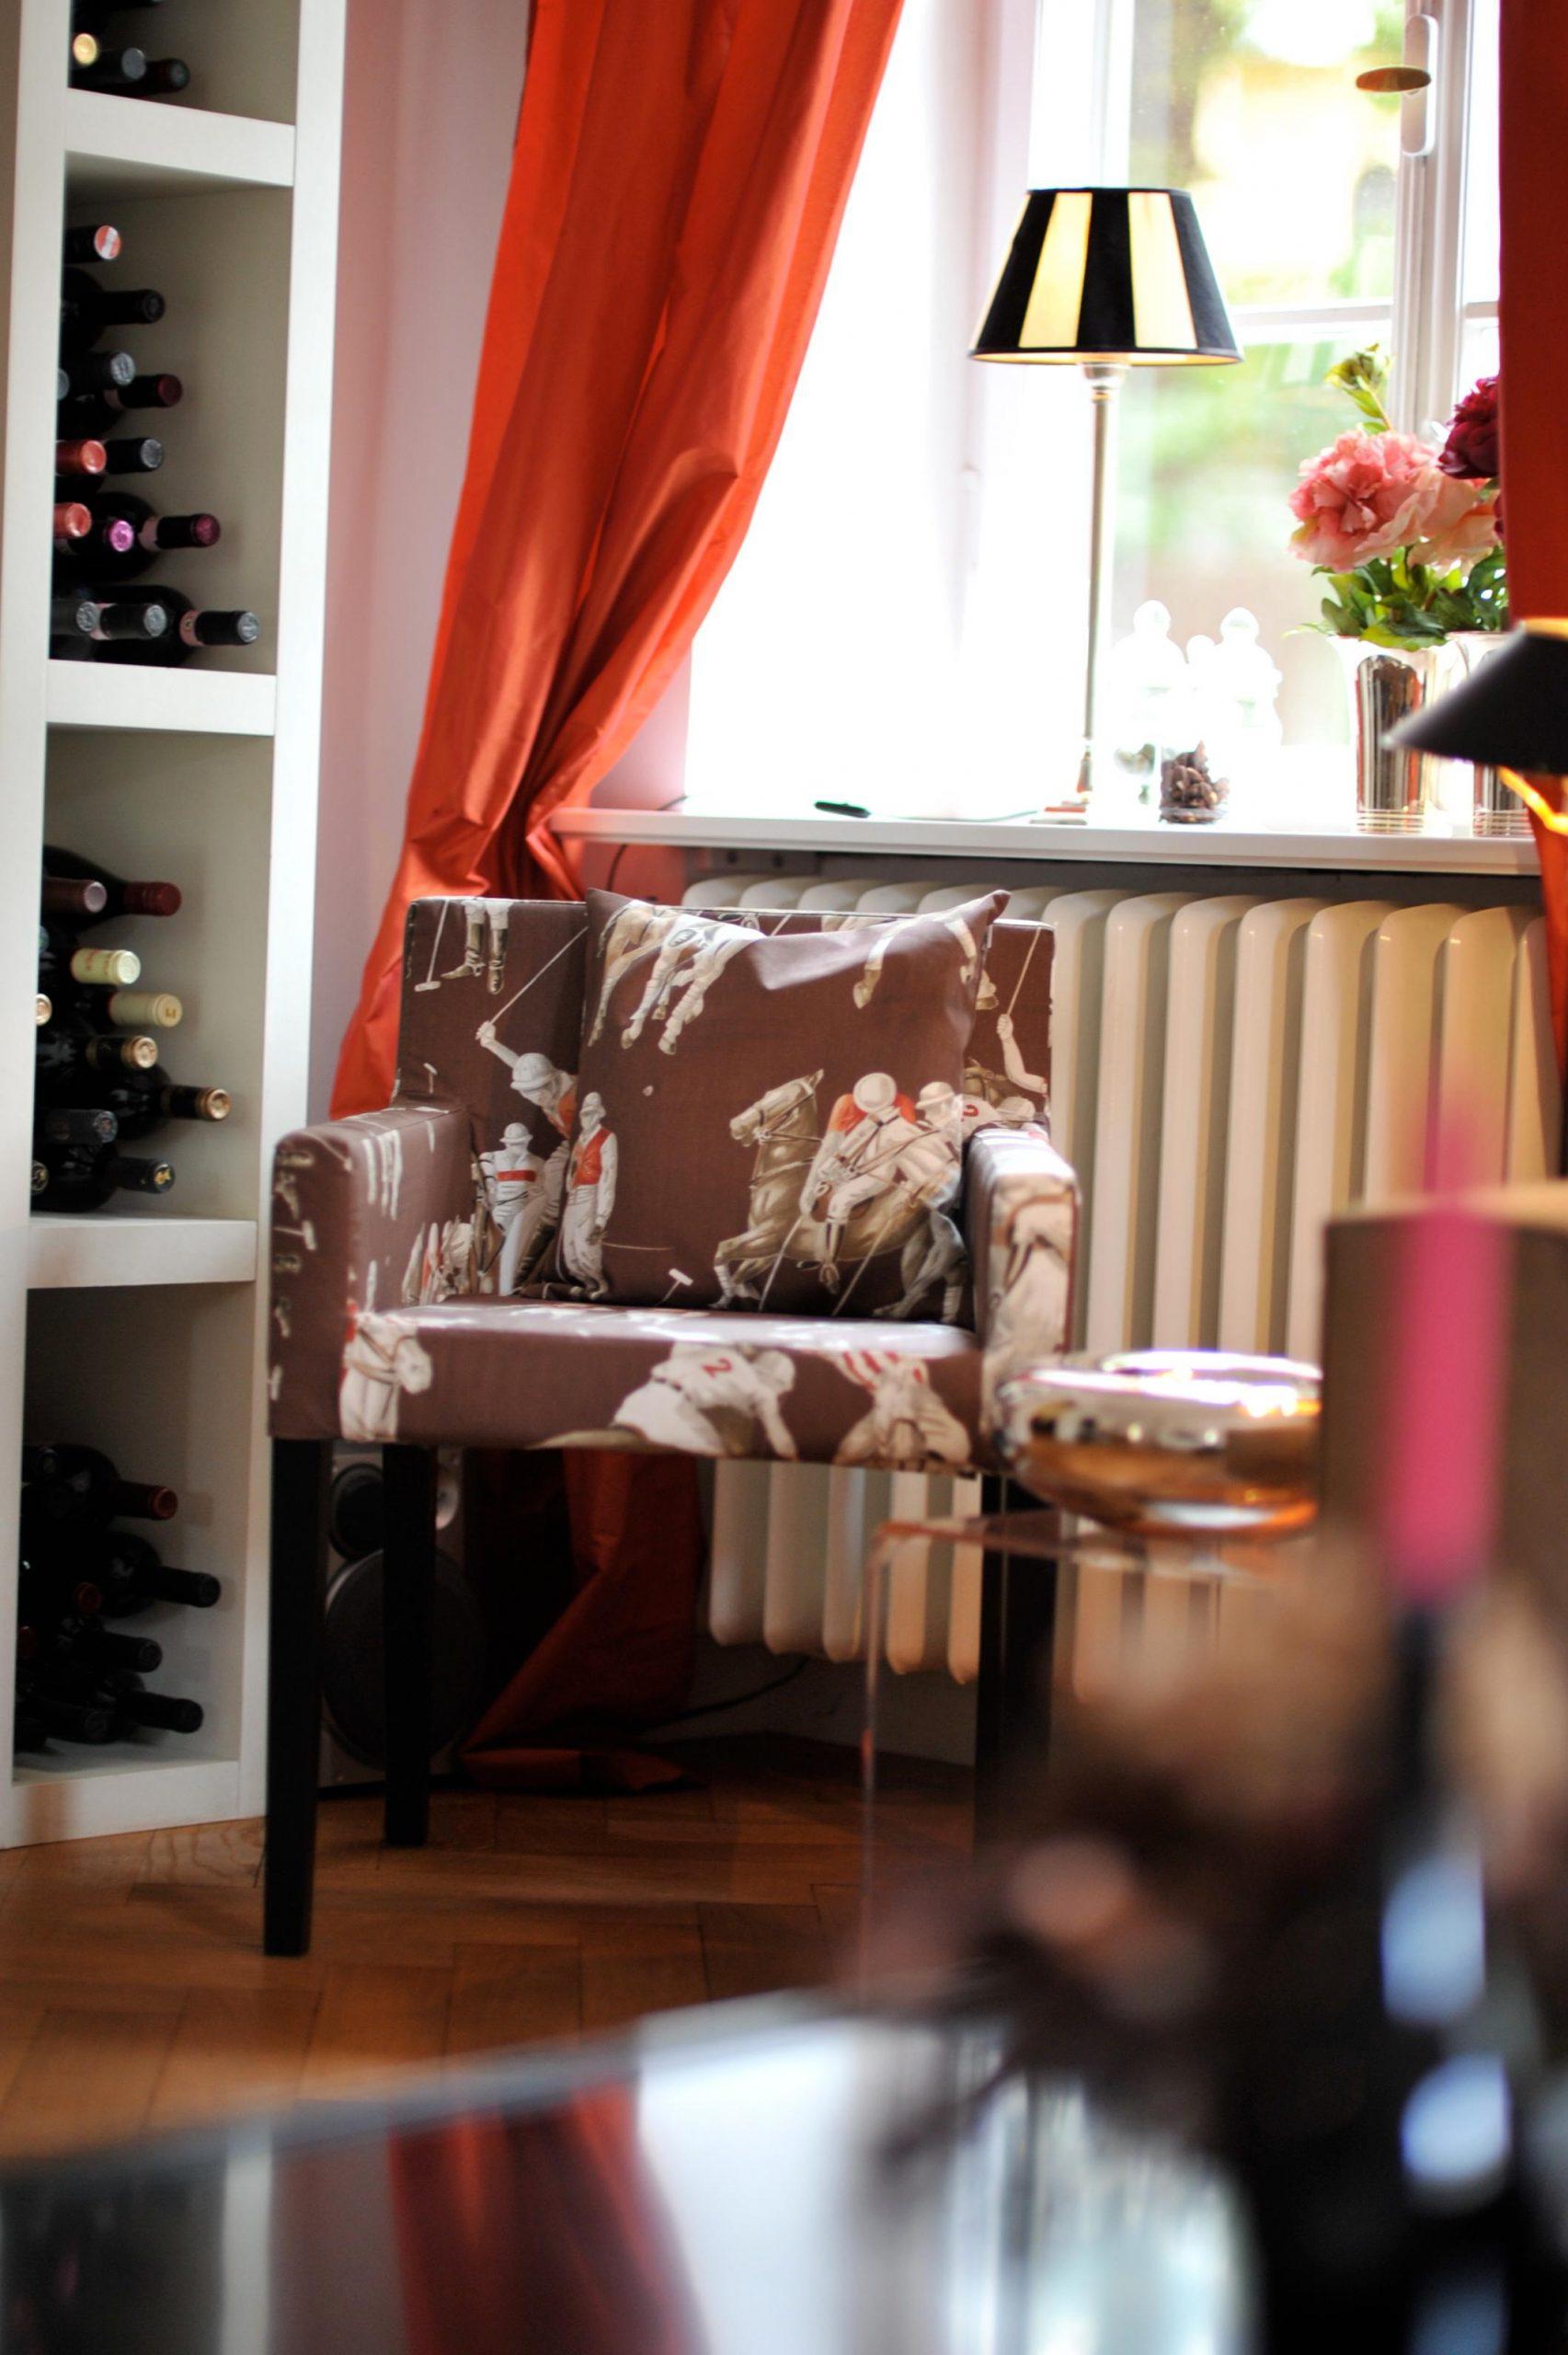 Full Size of Betten Bei Ikea Küche Kaufen Kosten 160x200 Miniküche Modulküche Kreidetafel Sofa Mit Schlaffunktion Wohnzimmer Kreidetafel Ikea